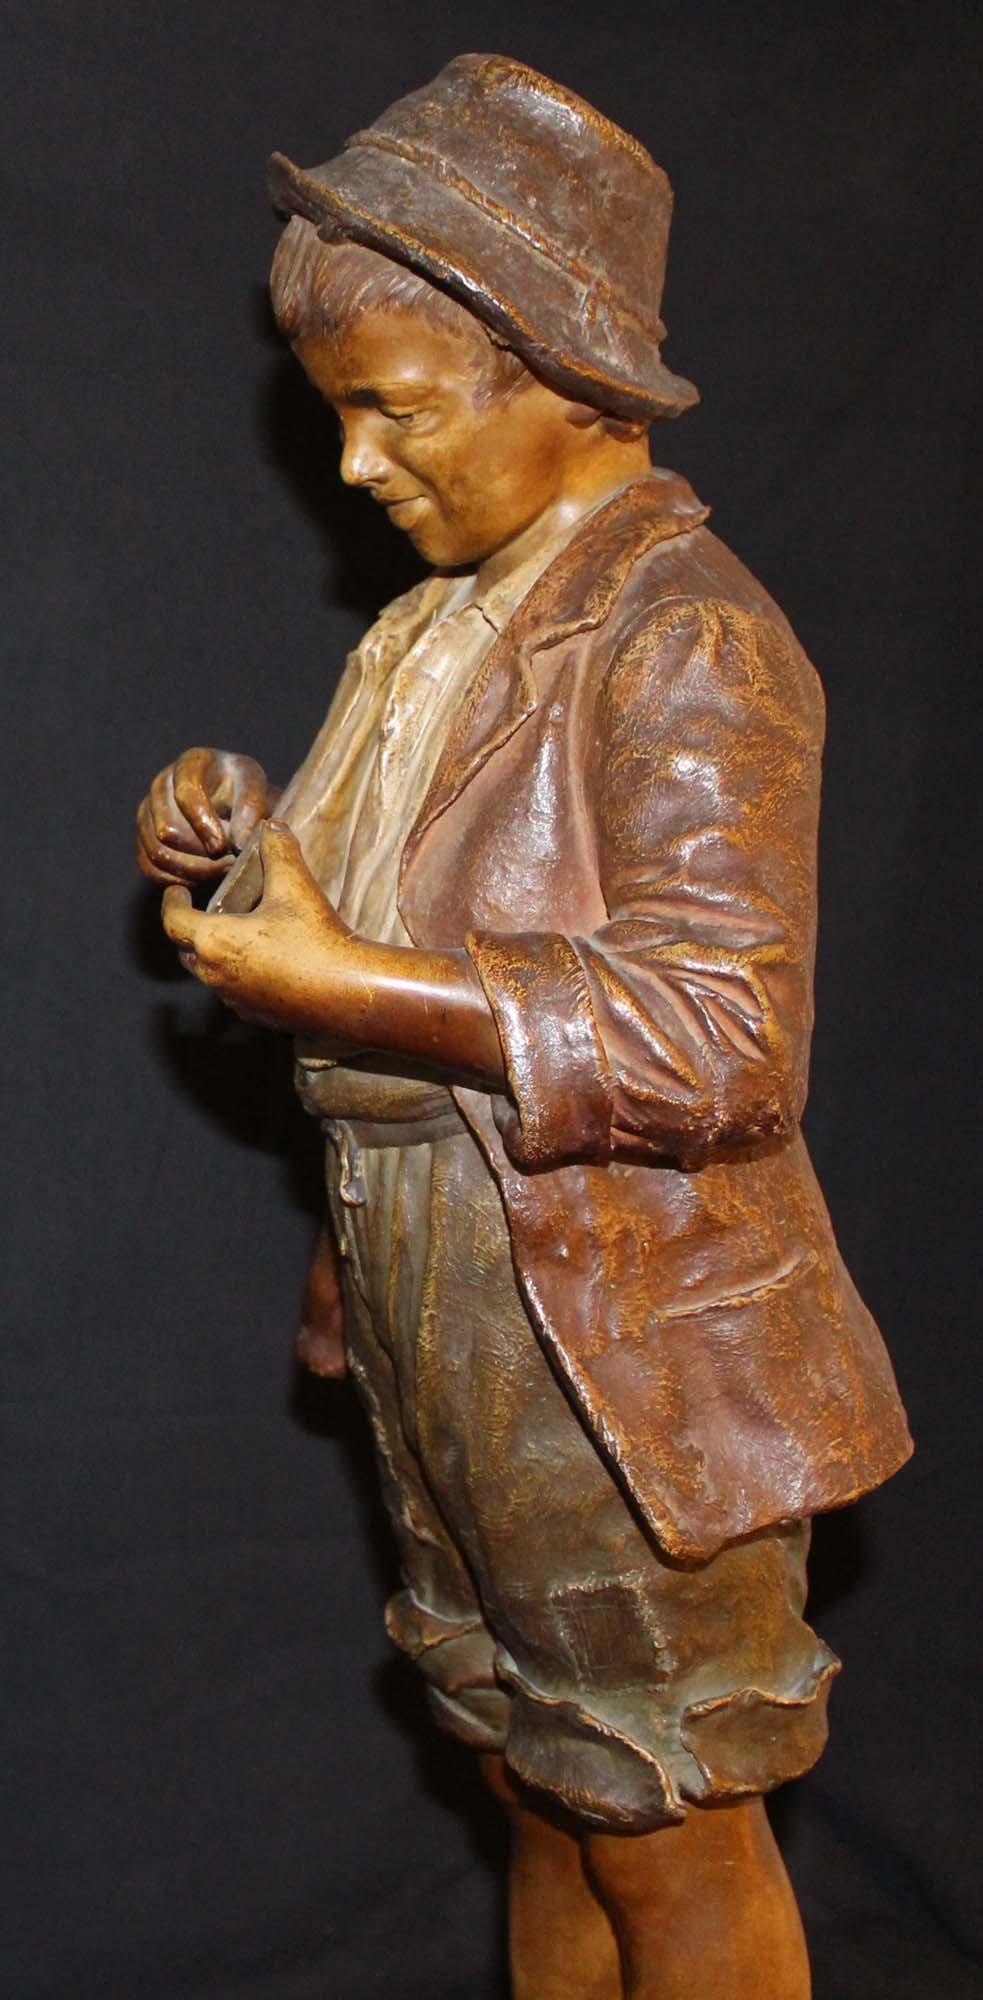 galerie-bosetti-antiquites, sculpture terre cuite GOLDSCHEIDER profil gauche